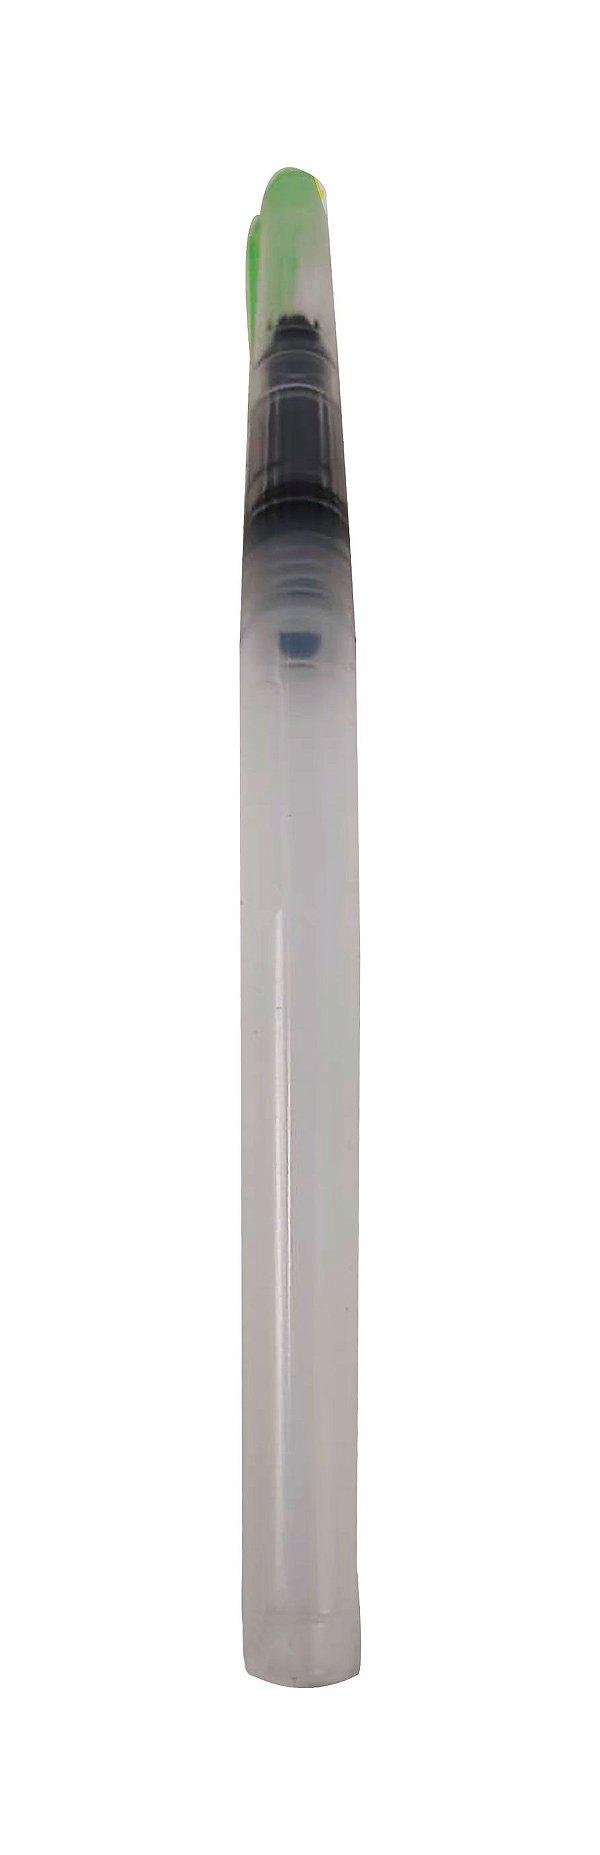 Pincel Plástico Com Reservatório Agua  - Ref. 030G - Keramik